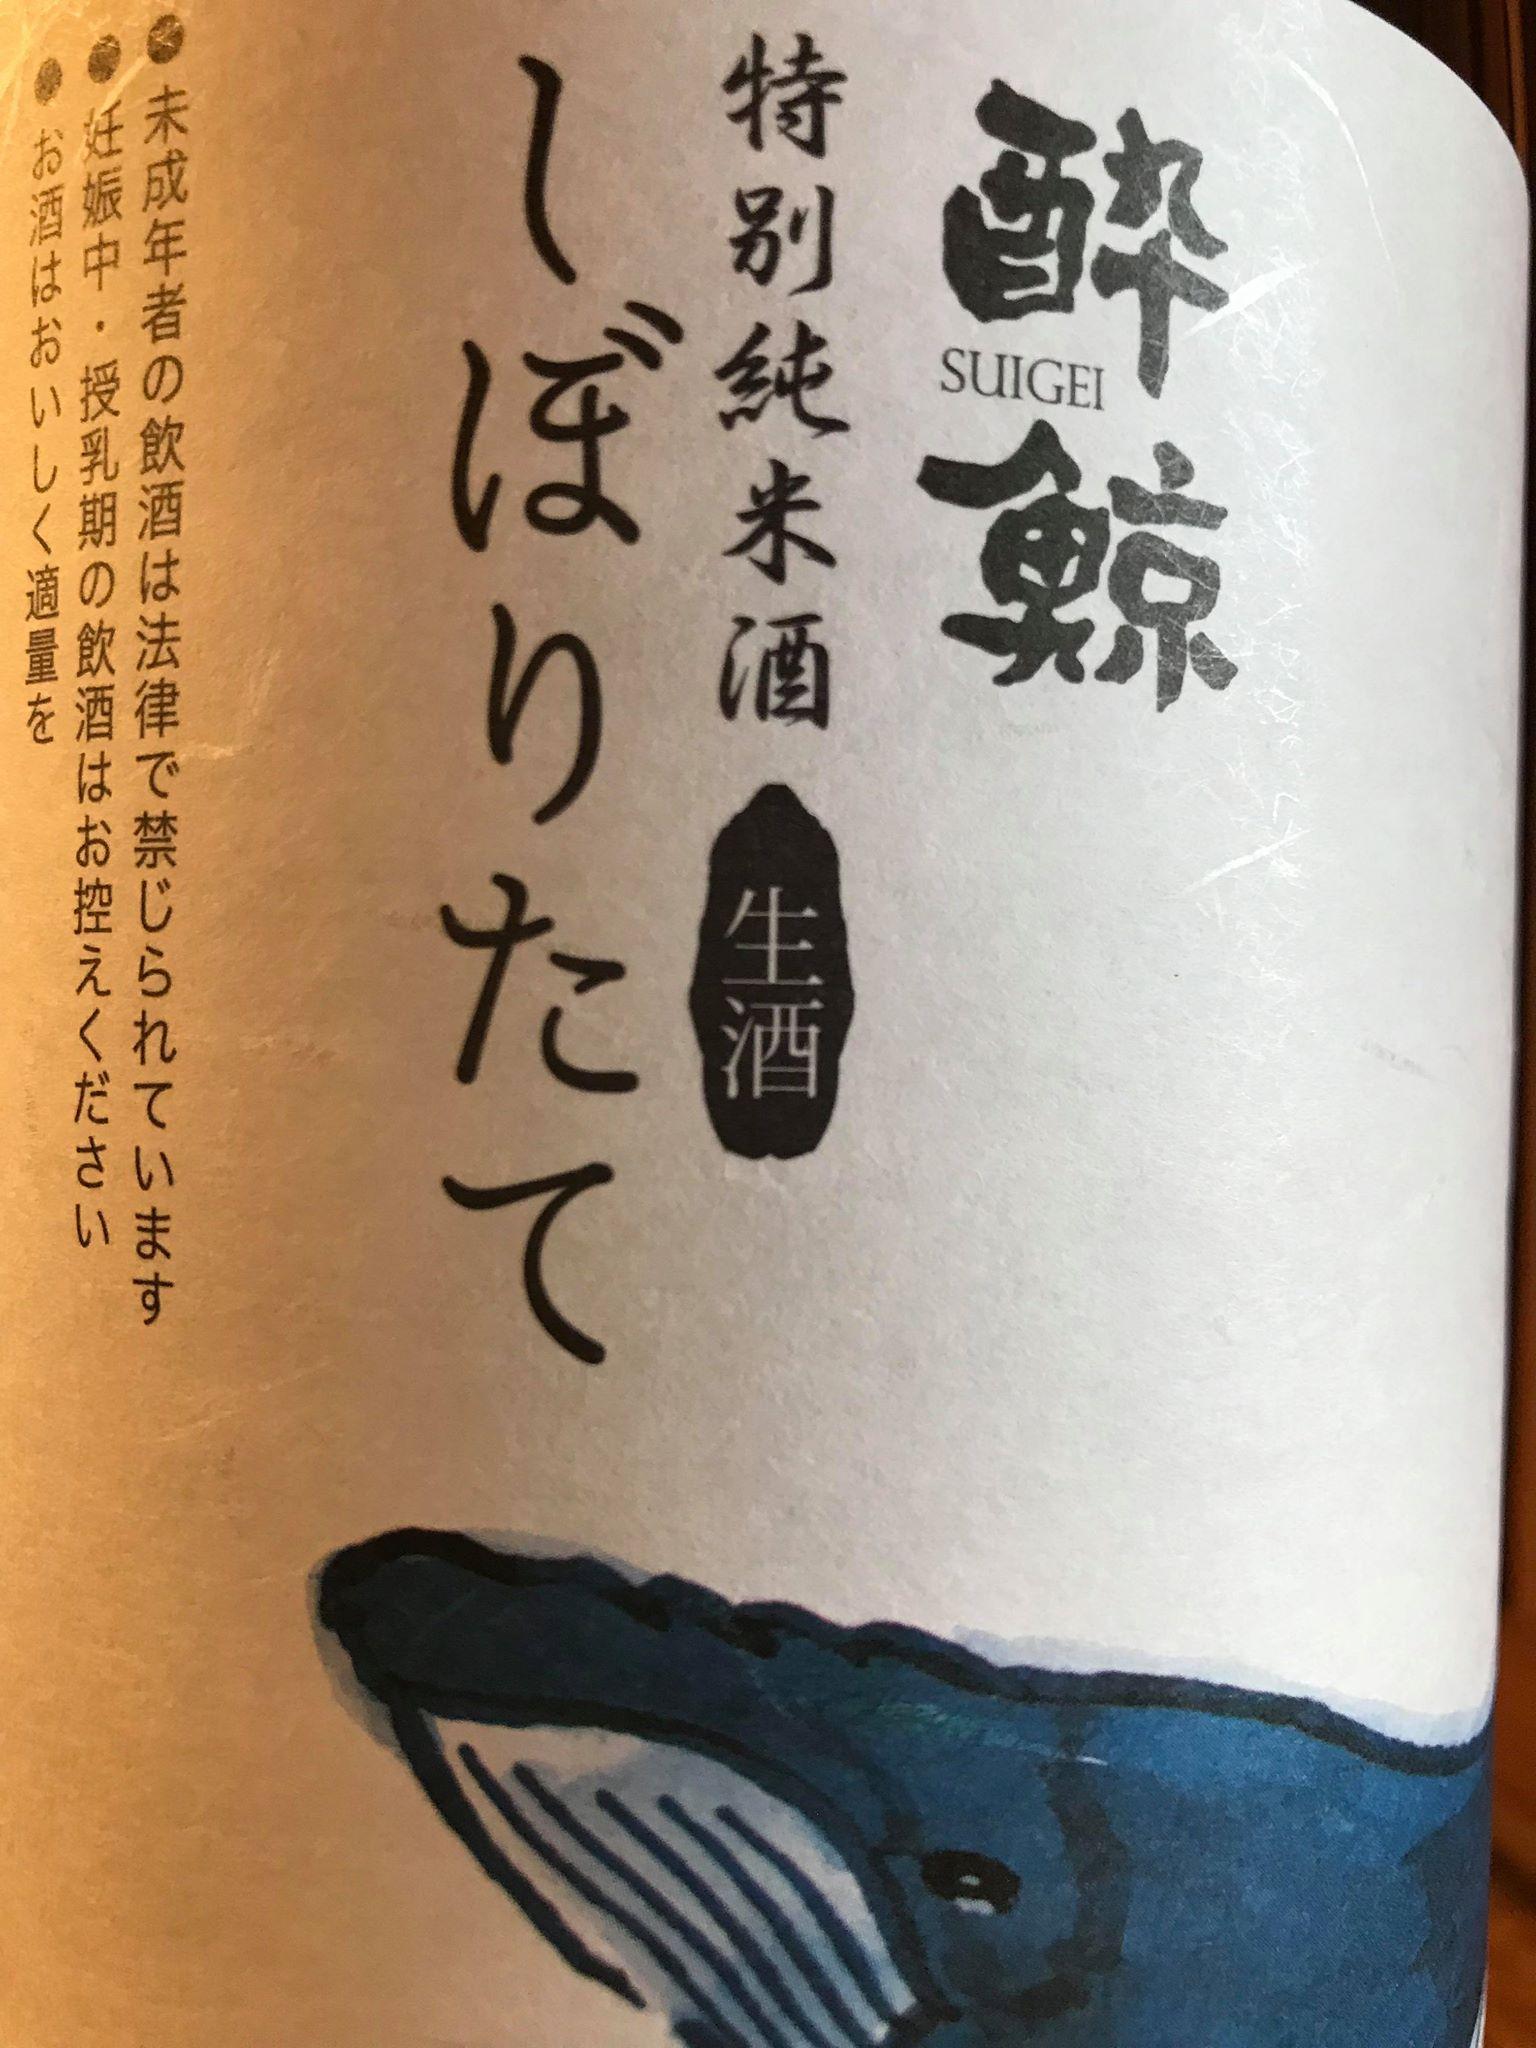 【日本酒】酔鯨 新酒しぼりたて 特別純米 無濾過生原酒 初回限定蔵出しSP 限定 新酒30BY_e0173738_1212524.jpg